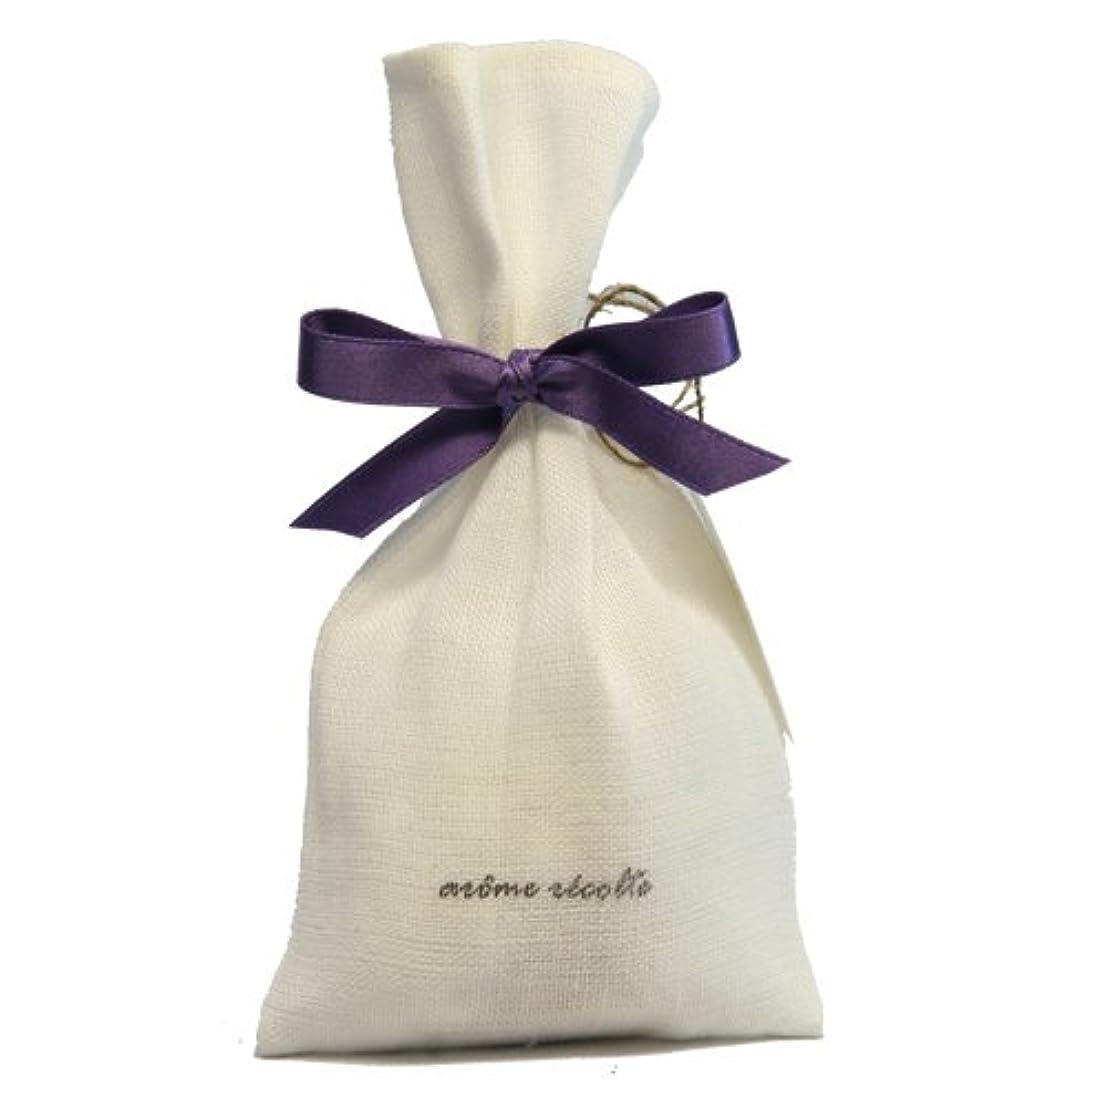 どれリサイクルするニンニクアロマレコルト ナチュラルサシェ(香り袋) フローラル【Floral】 arome rcolte